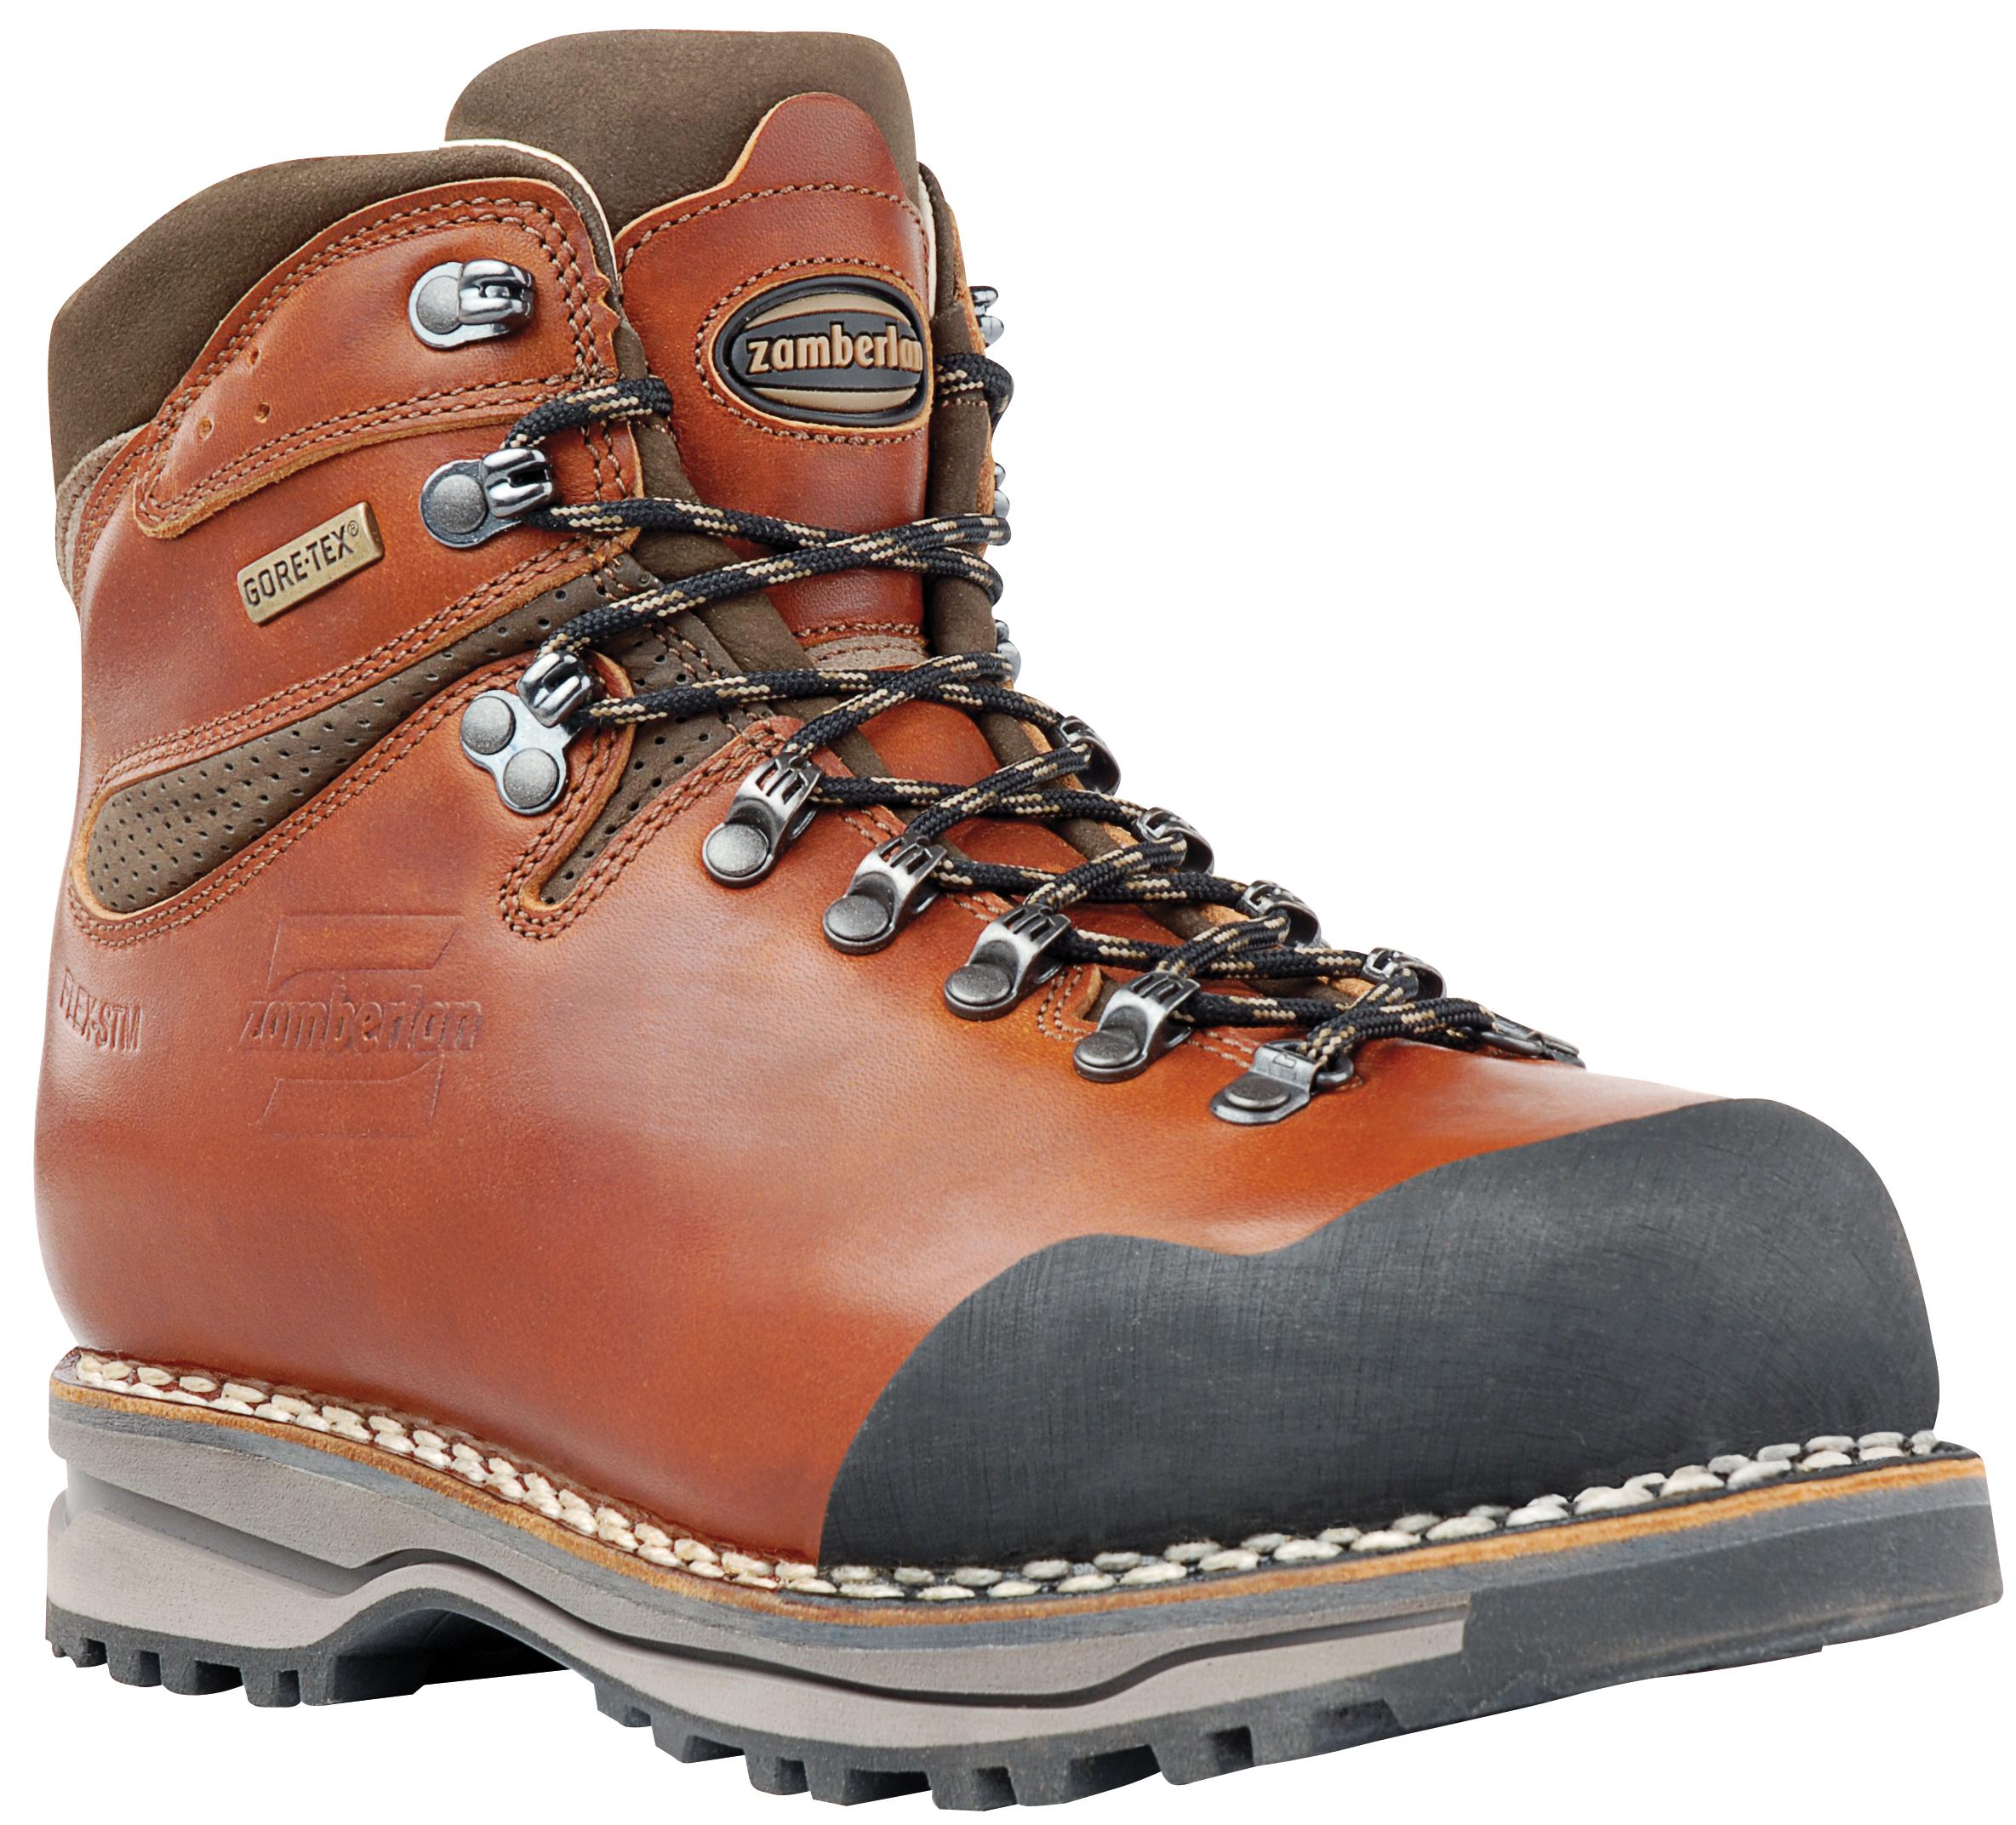 82faf3bb8bd Hiking footwear | MEC